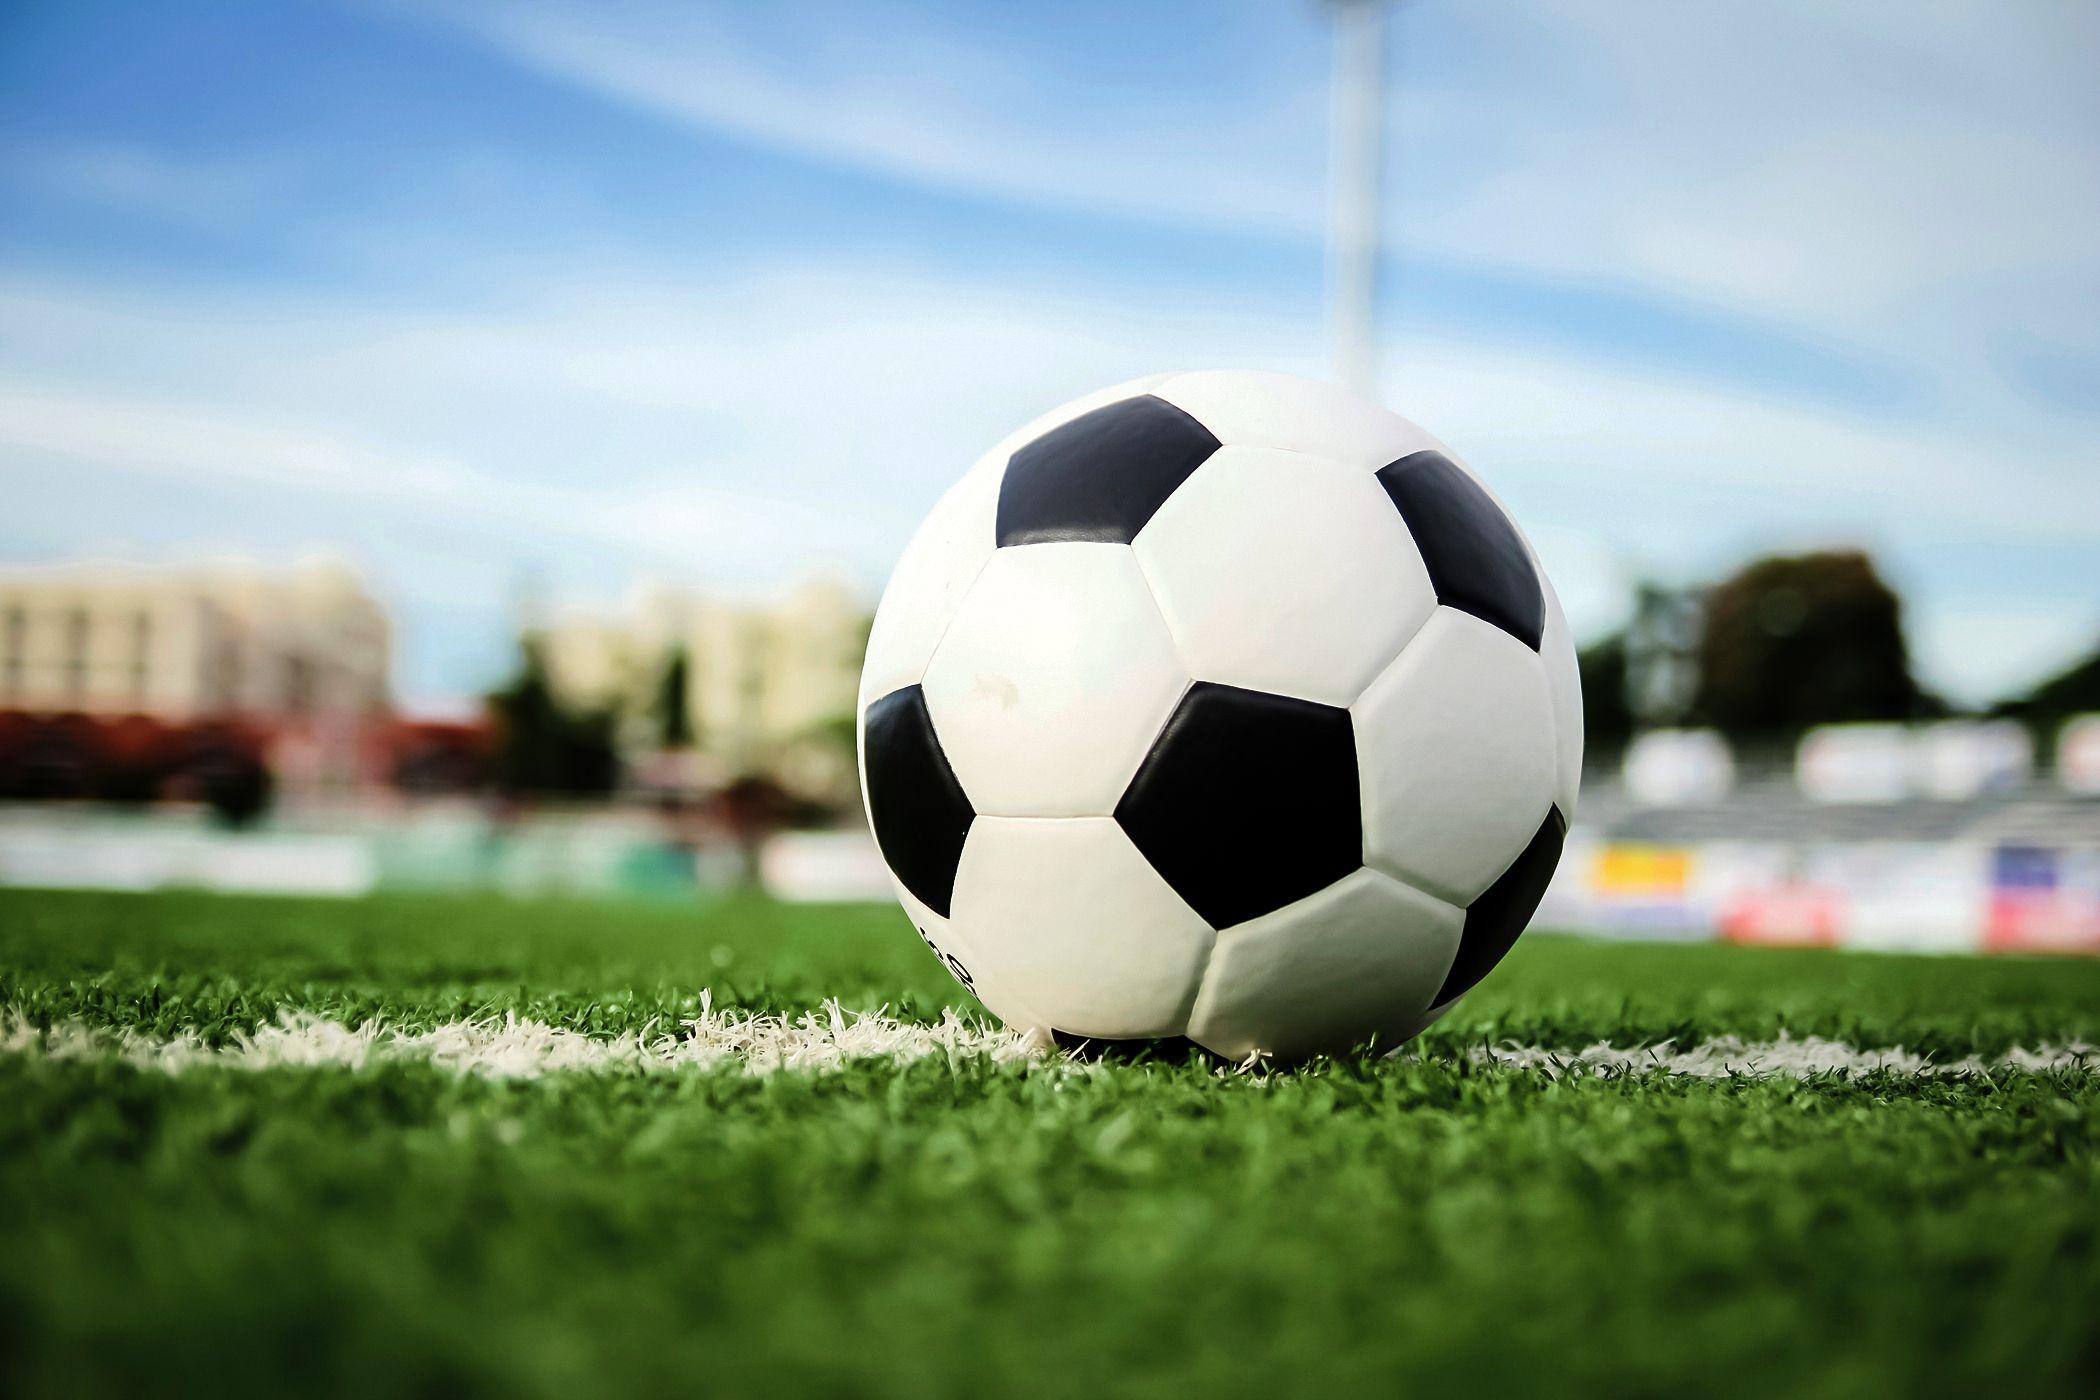 Me gusta jugar fútbol en mi tiempo libre.